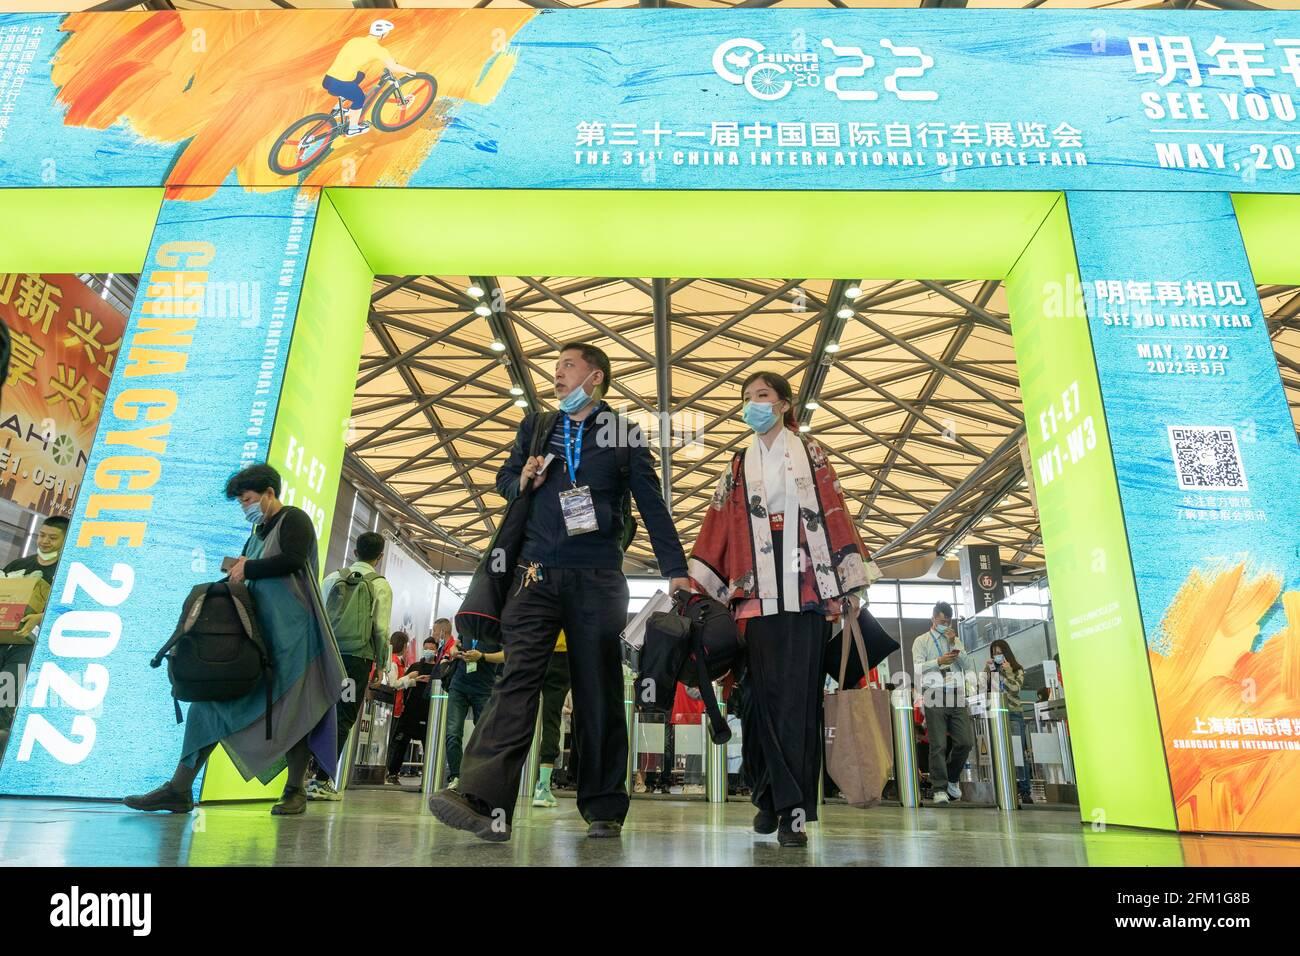 Shanghai, Shanghai en Chine. 5 mai 2021. Les visiteurs se promèchent dans le lieu où se tient la 30e China International Bicycle Fair, dans l'est de la Chine Shanghai, le 5 mai 2021. L'événement de quatre jours a débuté mercredi, attirant plus de 1,000 entreprises à y participer. Credit: CAI Yang/Xinhua/Alay Live News Banque D'Images